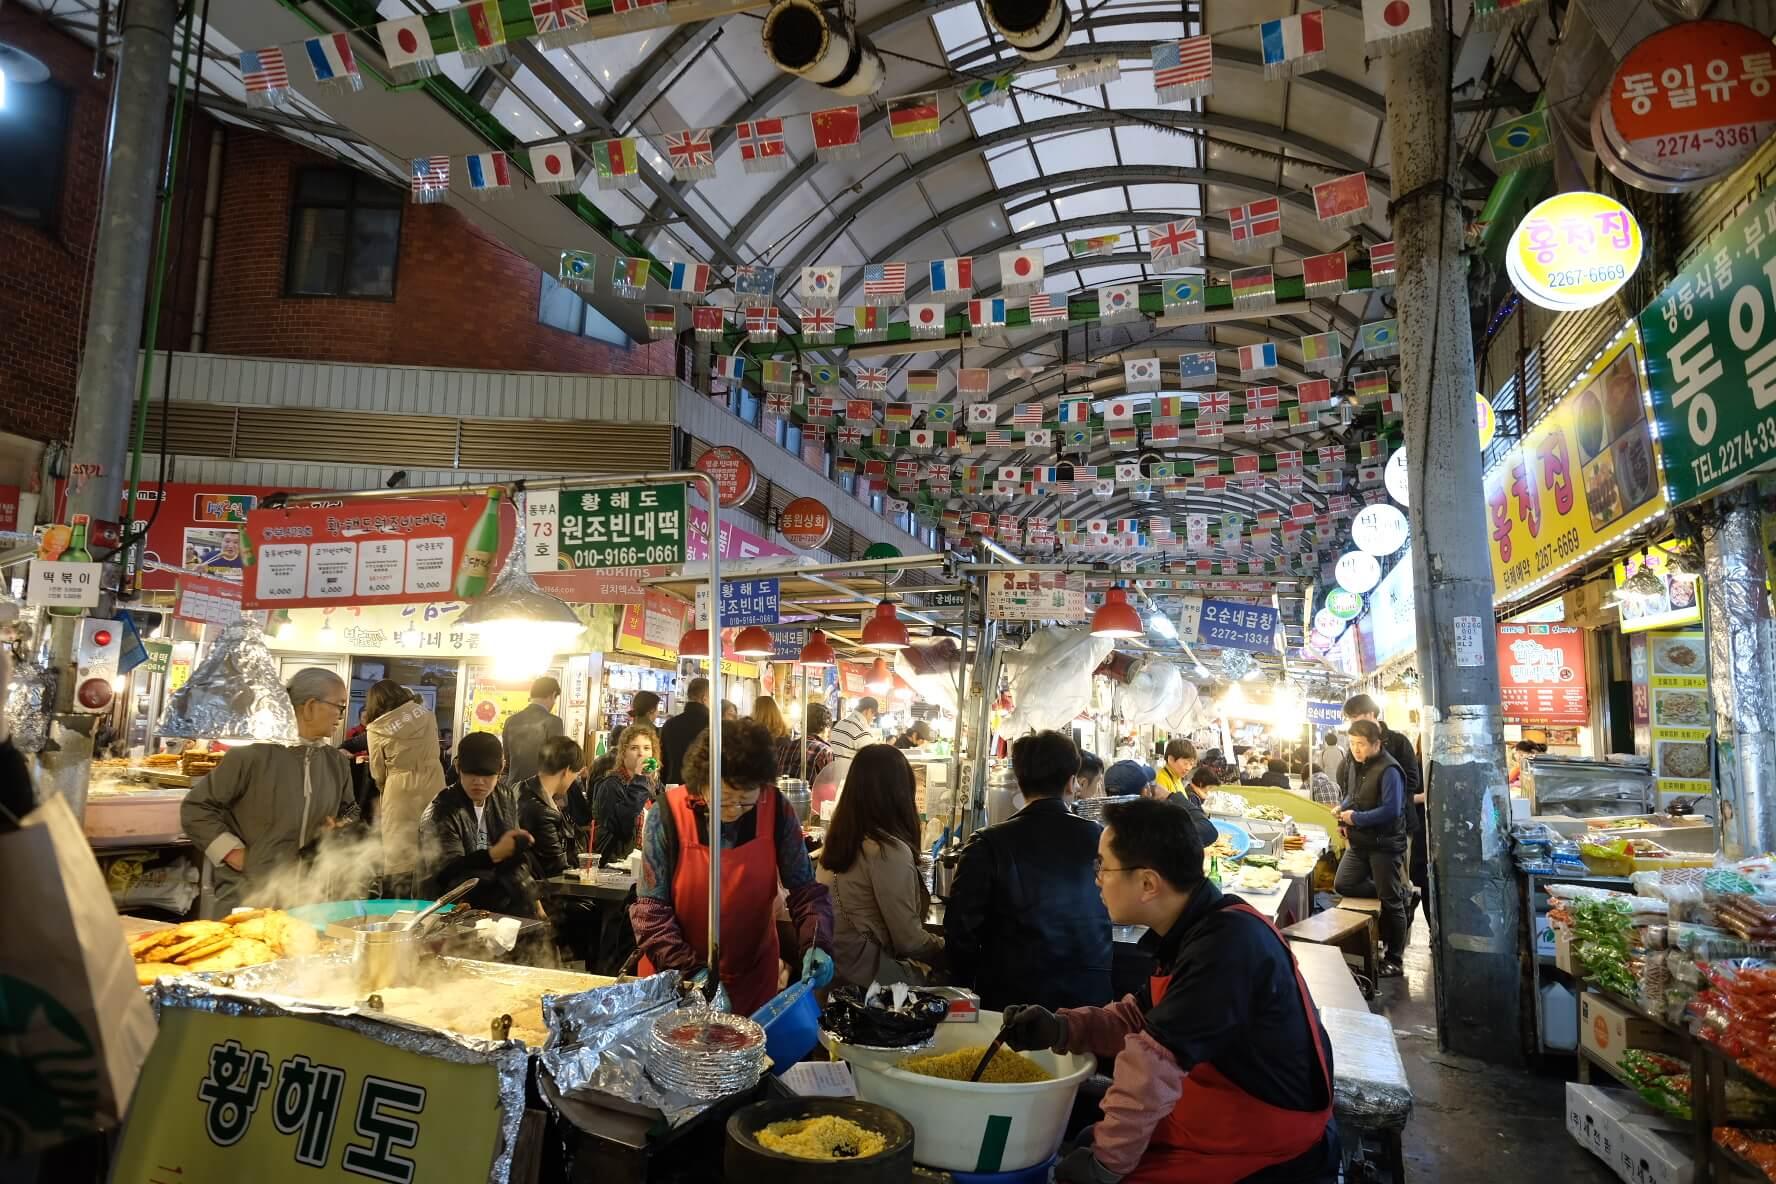 Gwangjang Market in South Korea